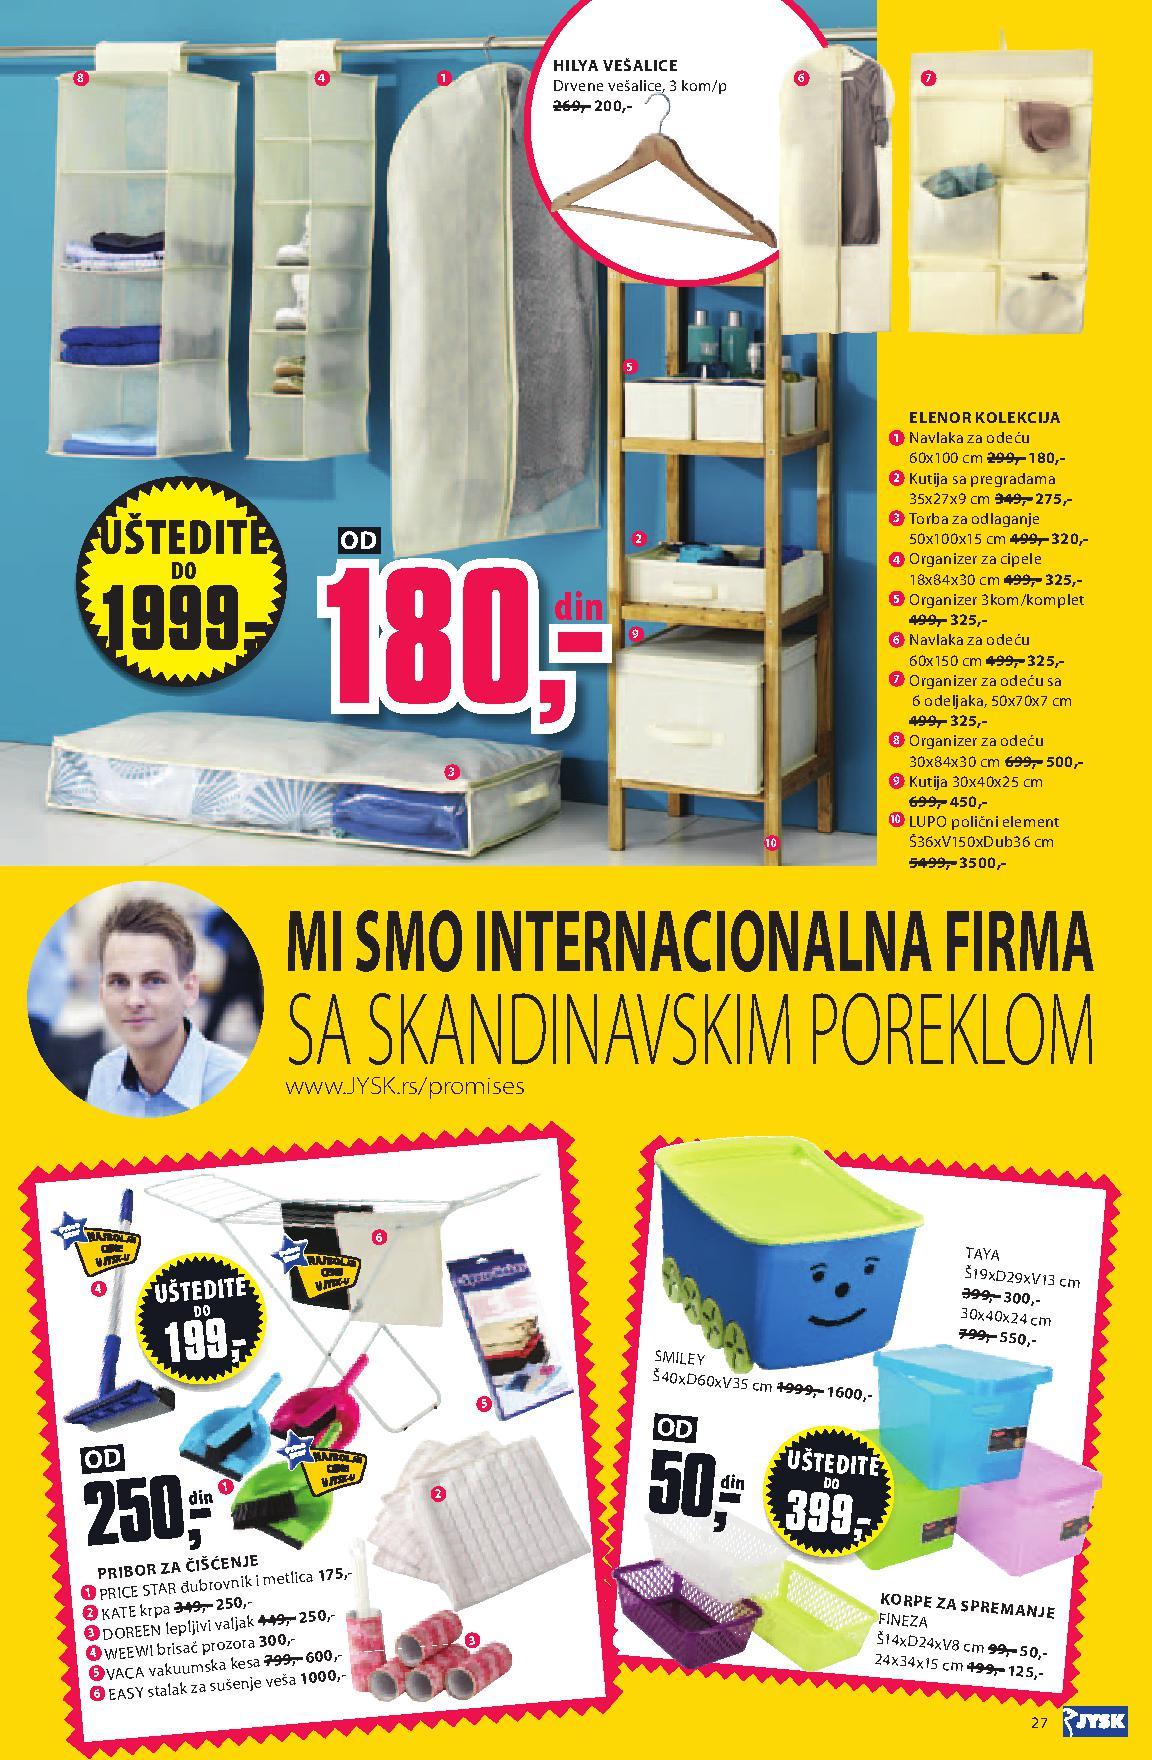 Jysk akcijski katalog